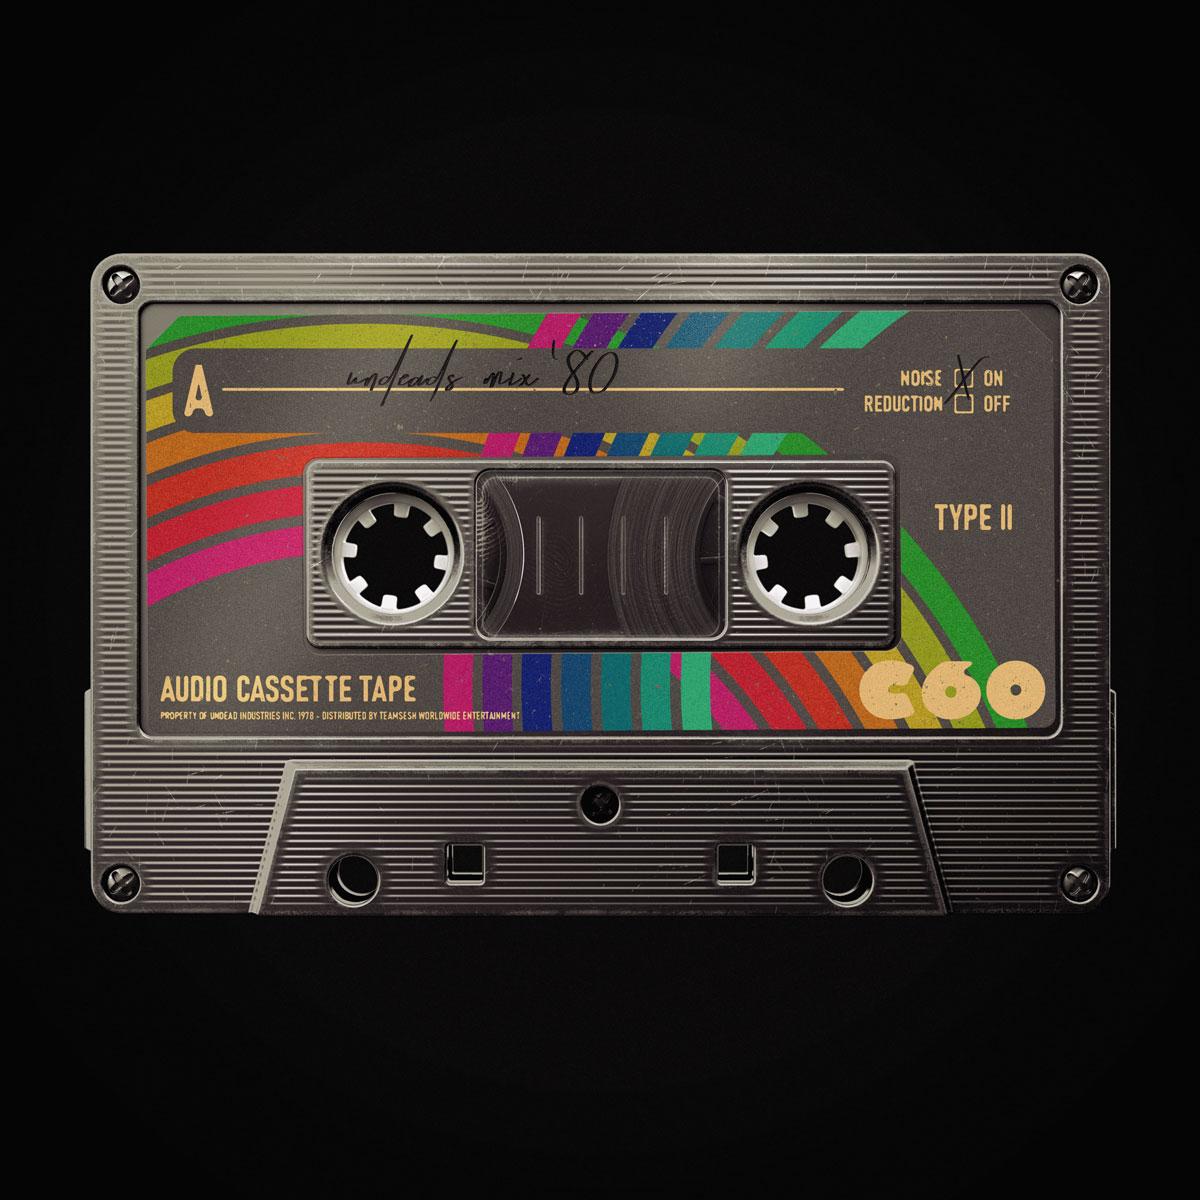 [淘宝购买] 潮流复古盒式磁带录音带设计智能贴图展示样机模板 Undead's Mix '80插图(1)